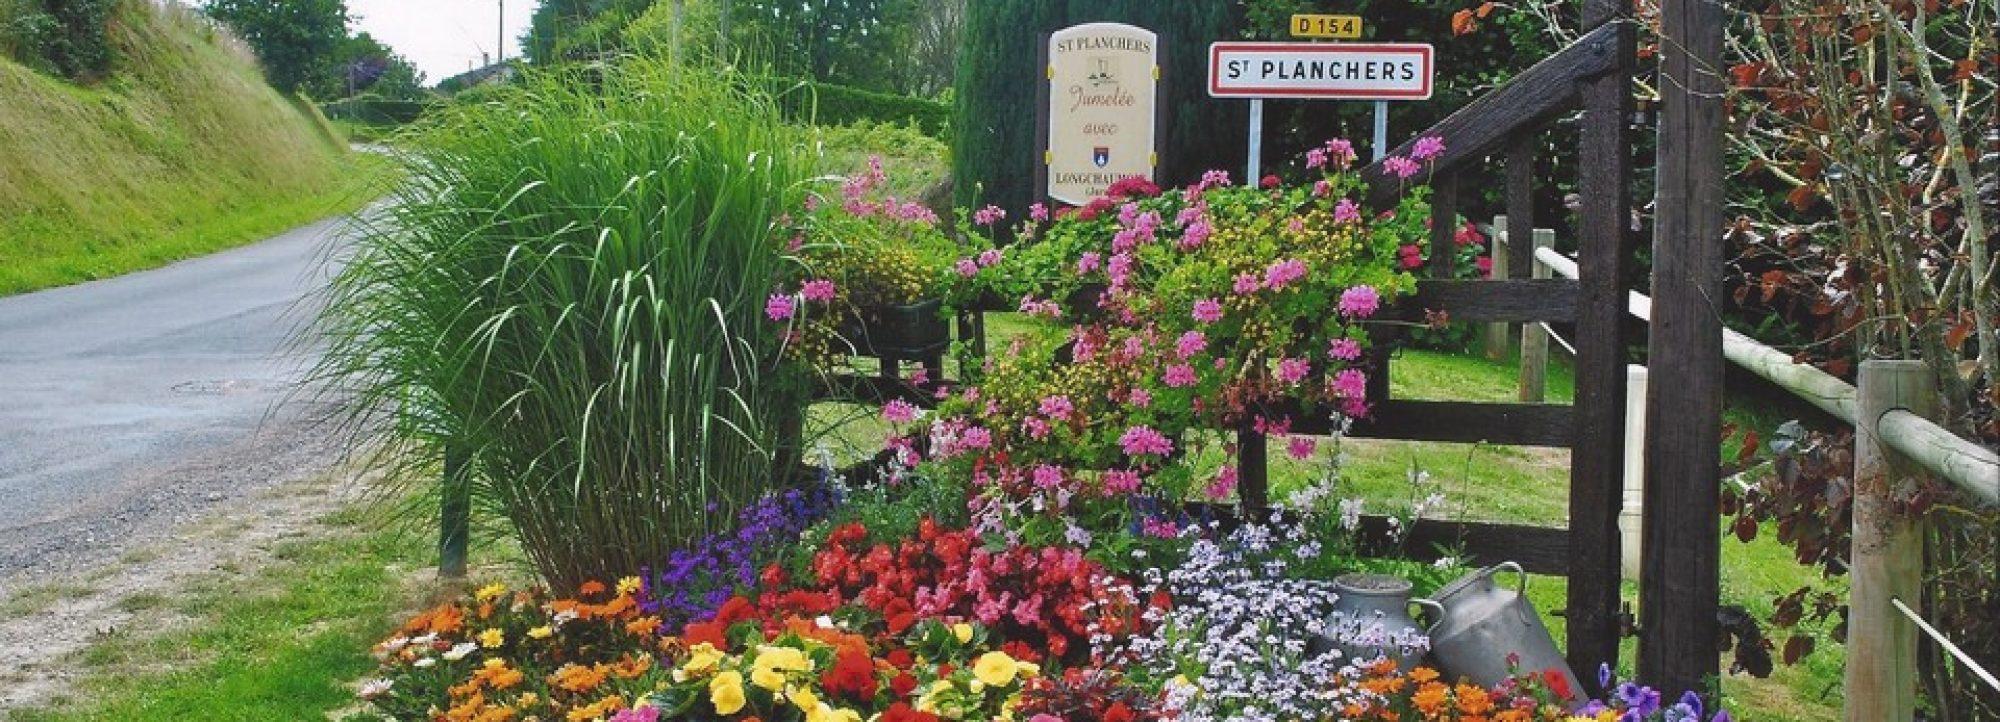 Saint-Planchers